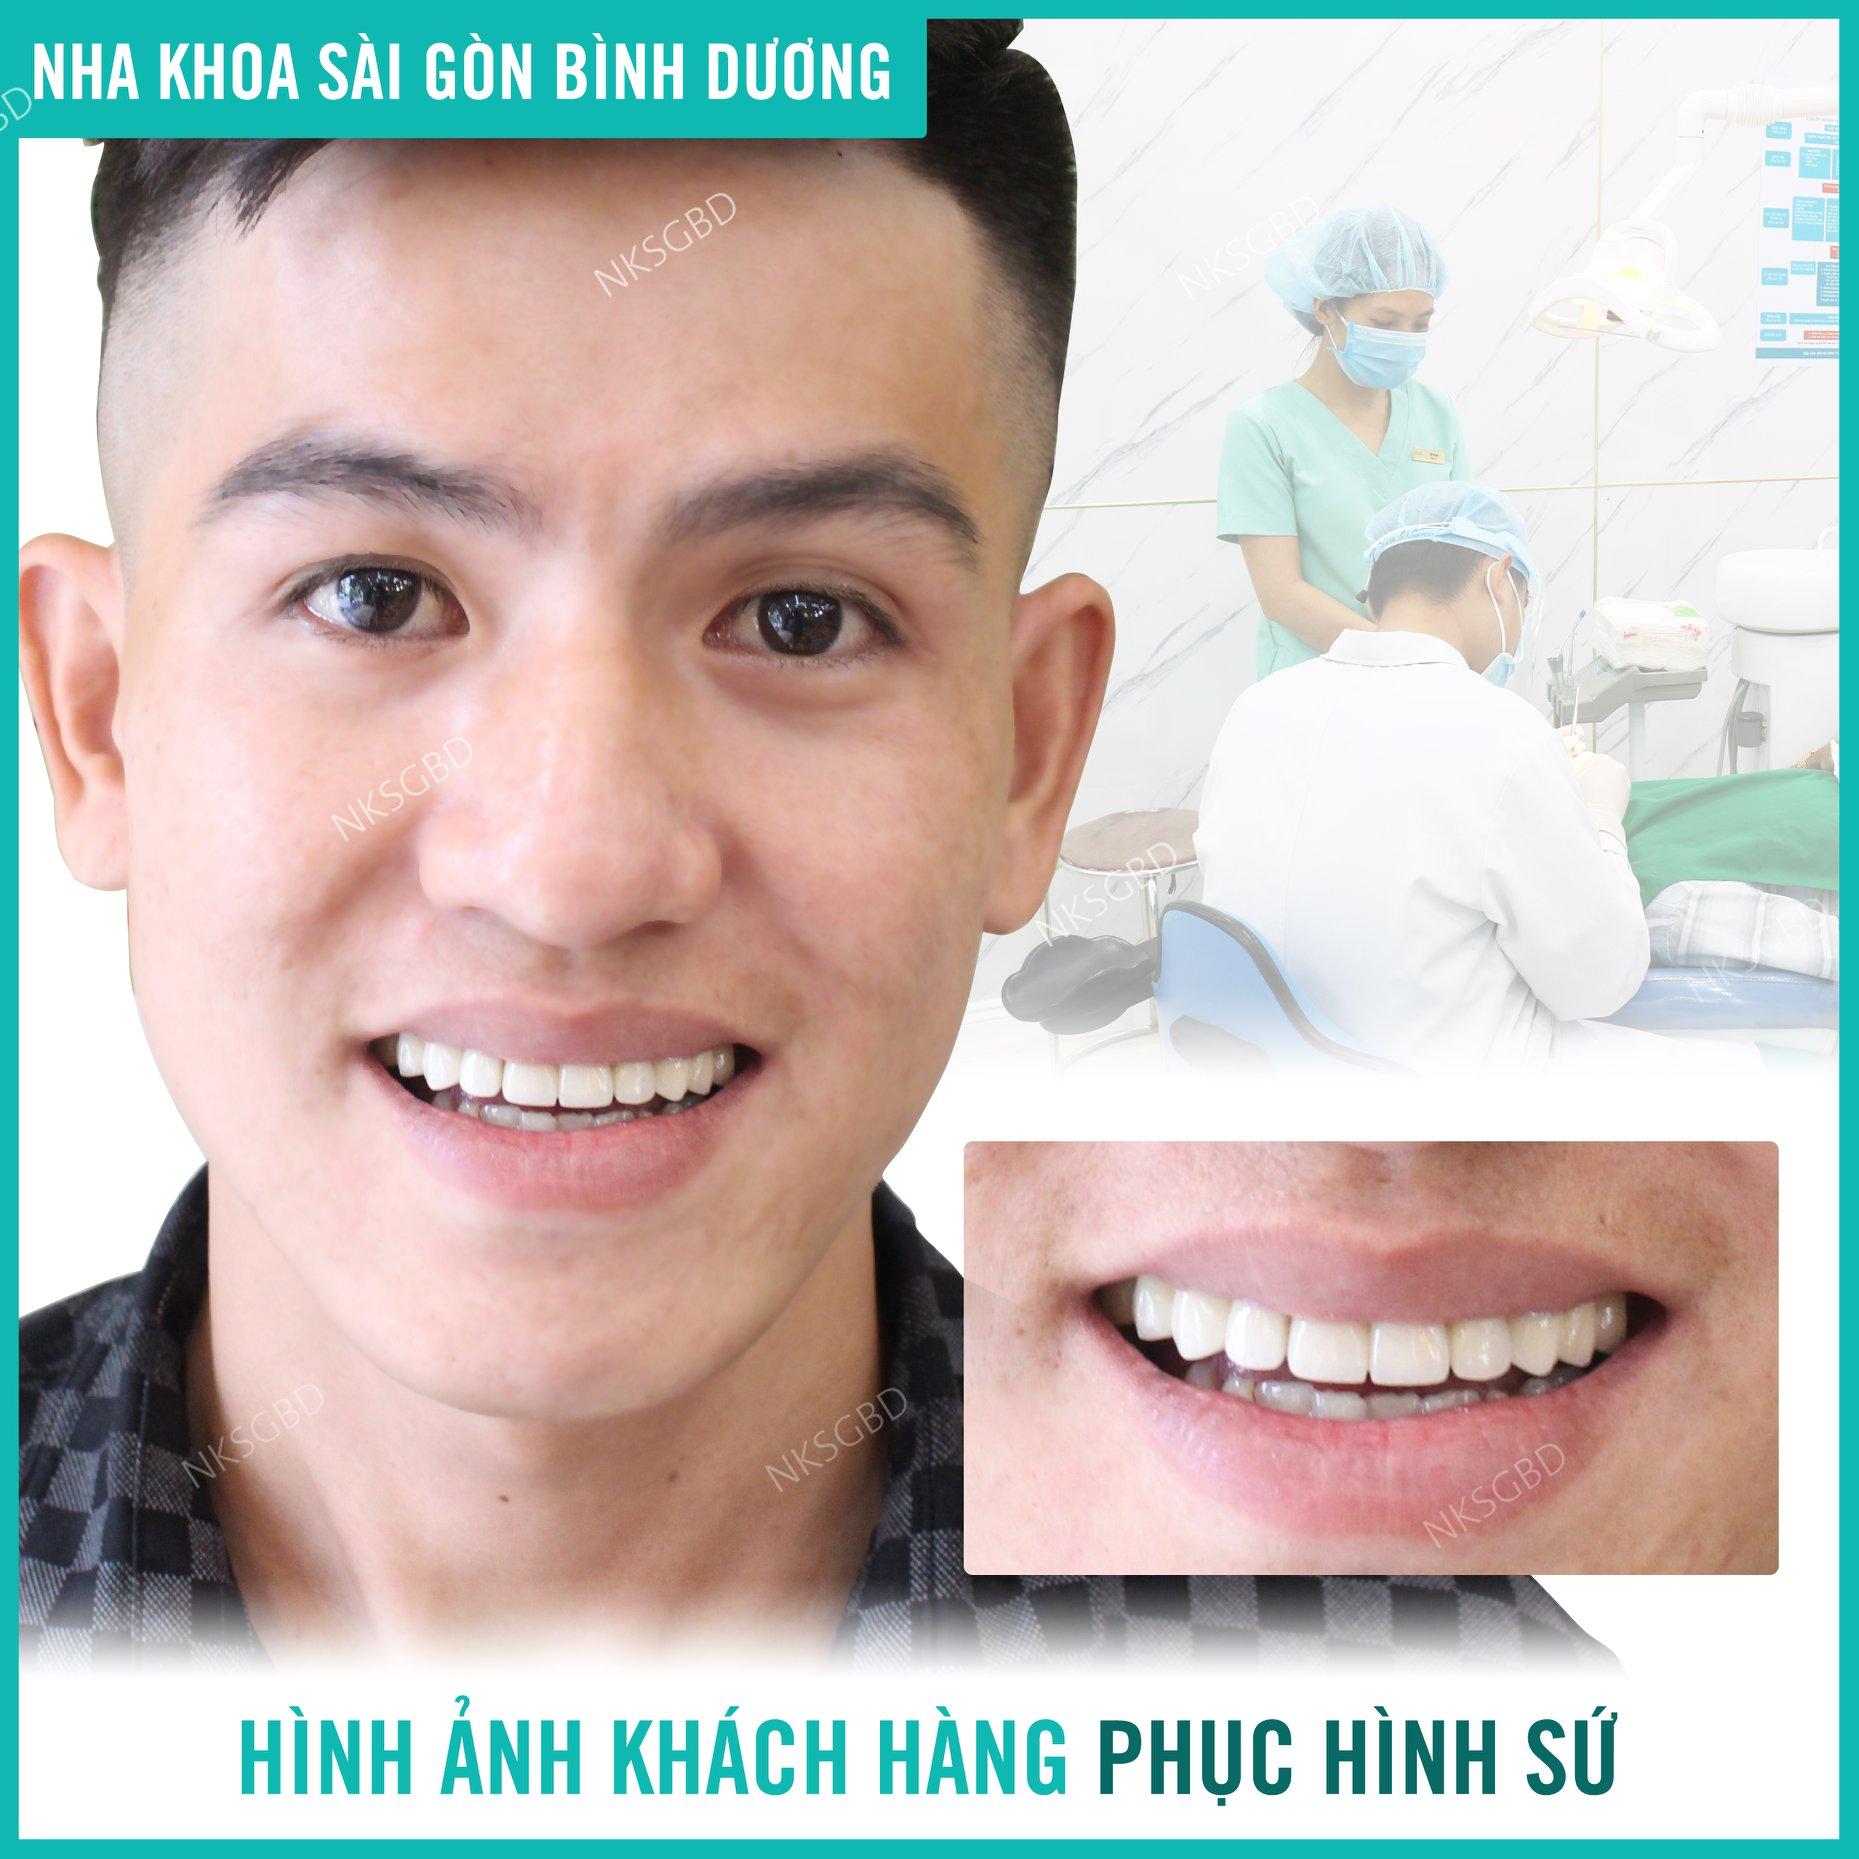 hình ảnh khách hàng bọc răng sứ tại nha khoa sài gòn